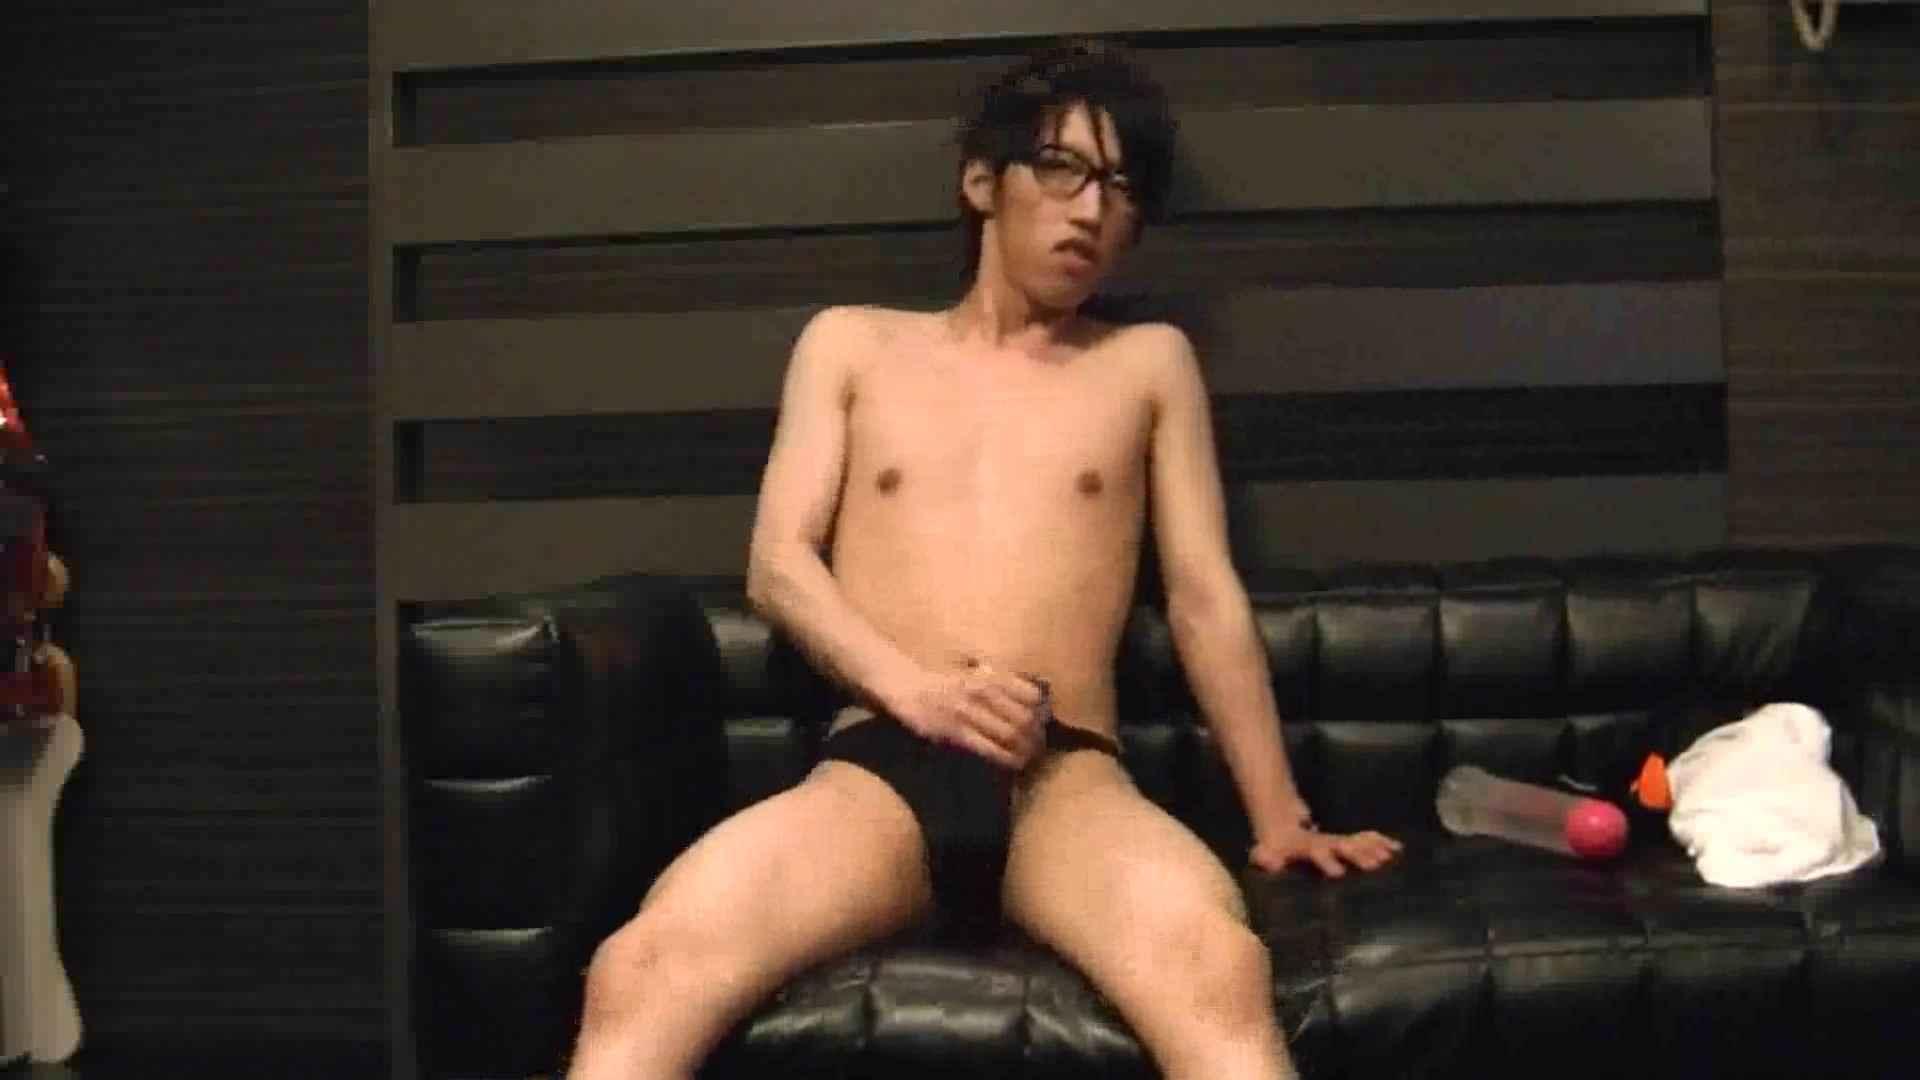 ONA見せカーニバル!! Vol3 男の世界  98画像 48